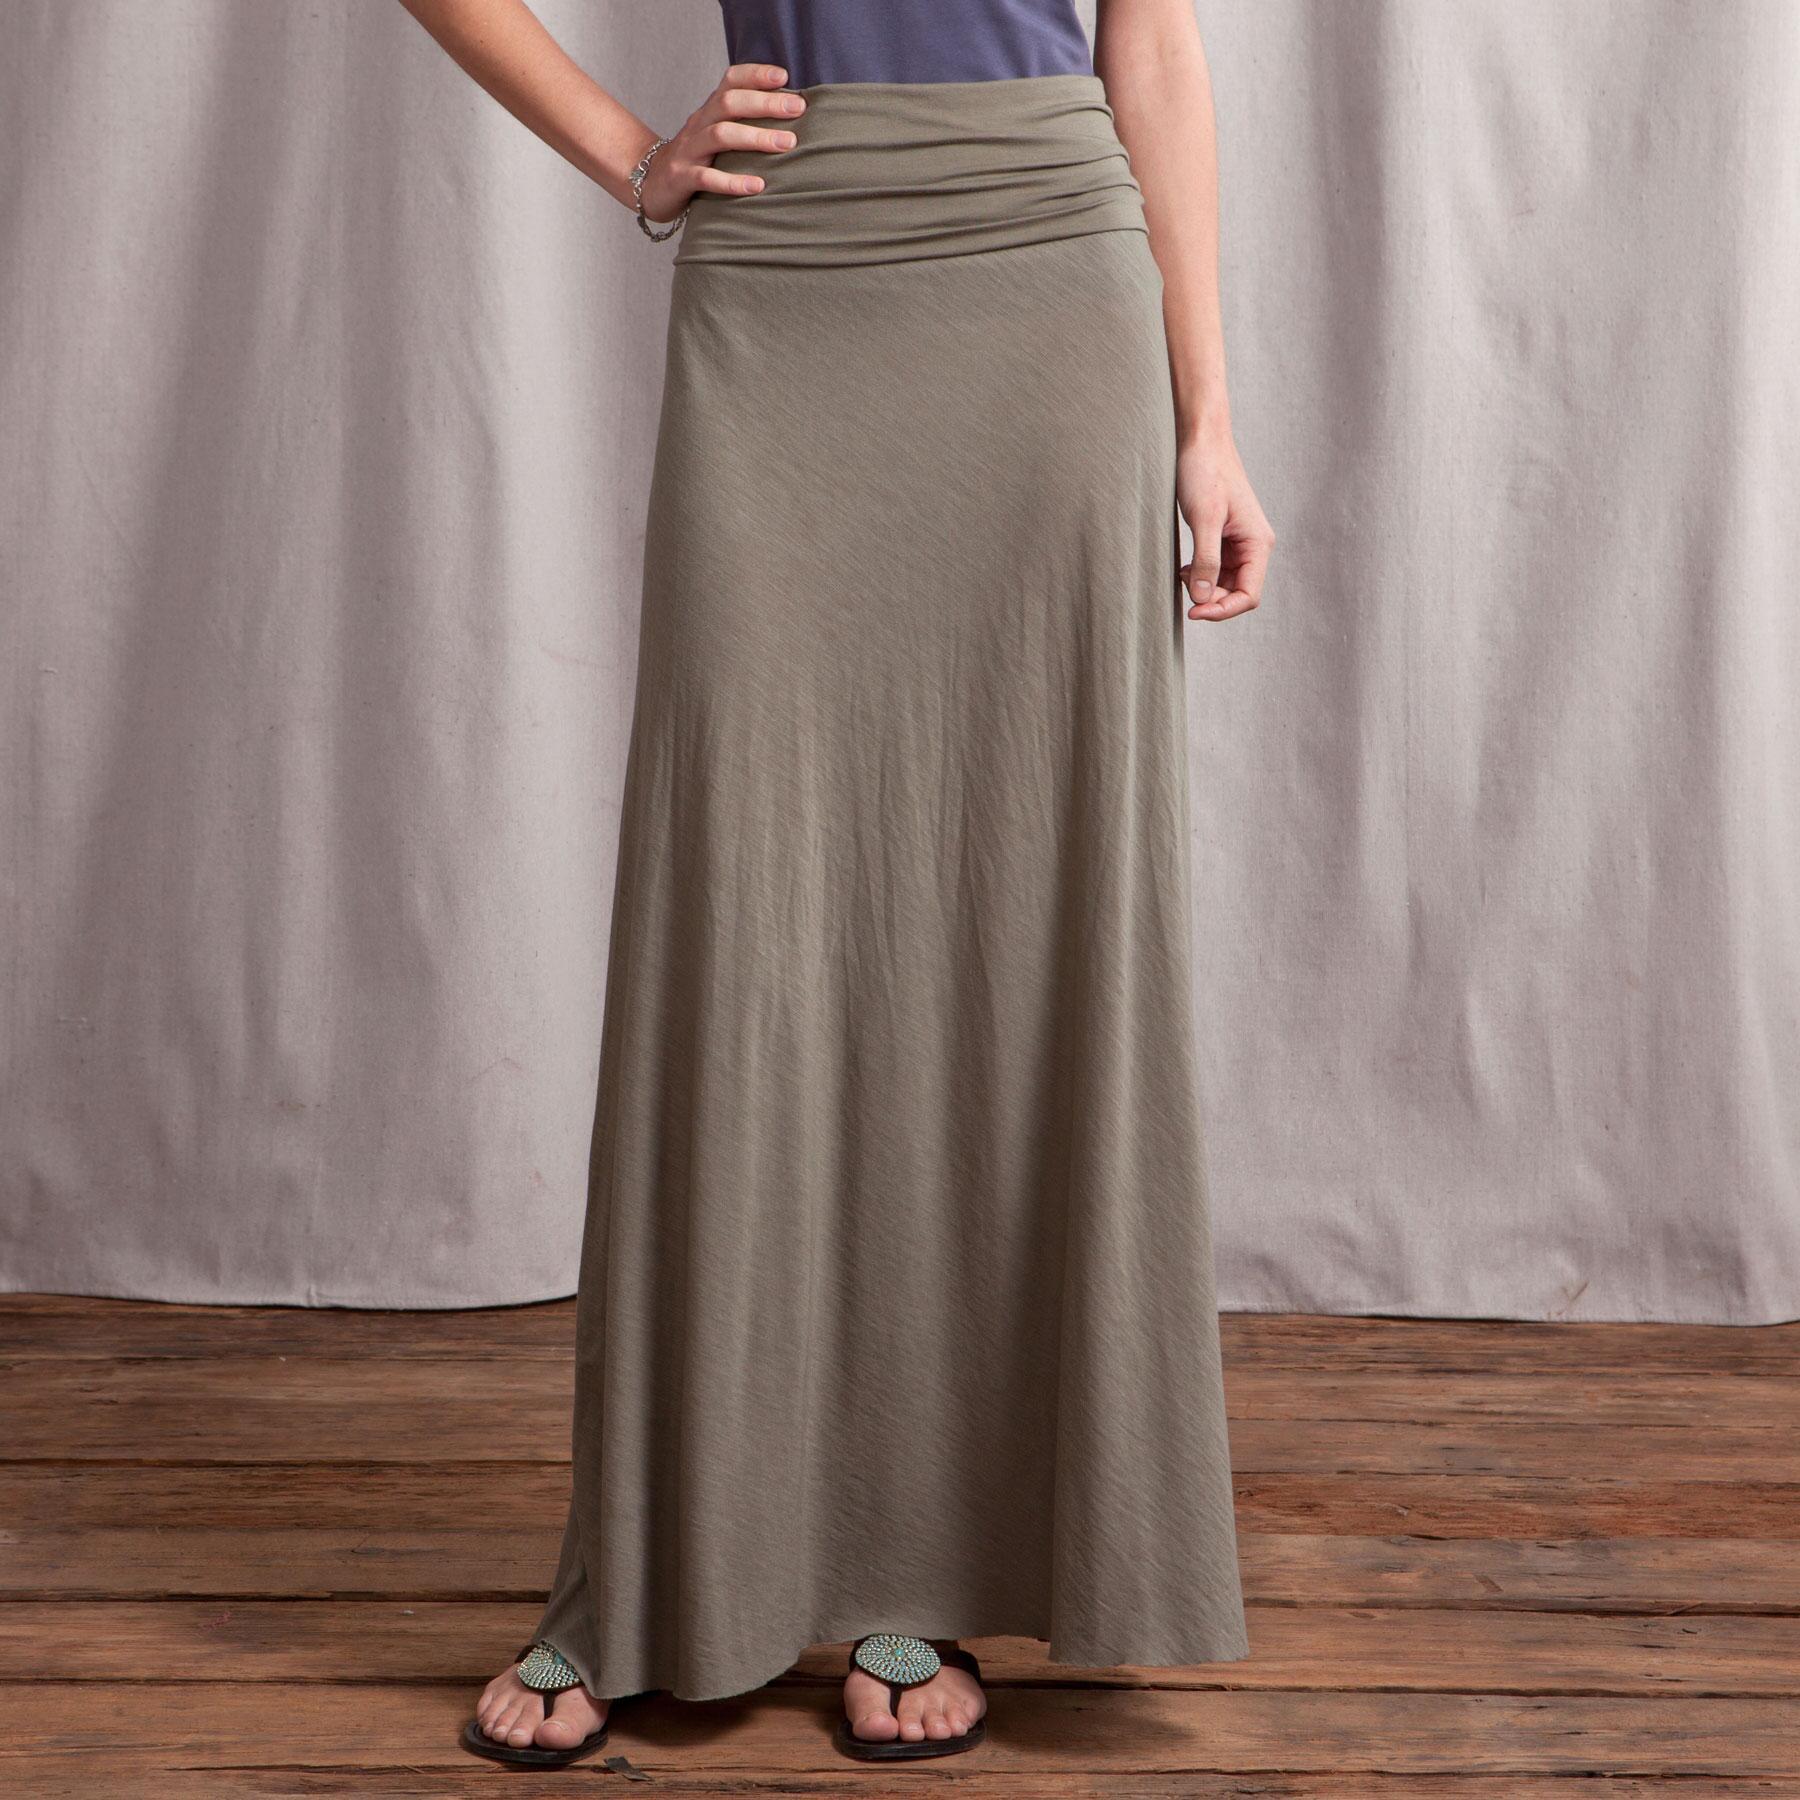 Boardwalk Knit Skirt